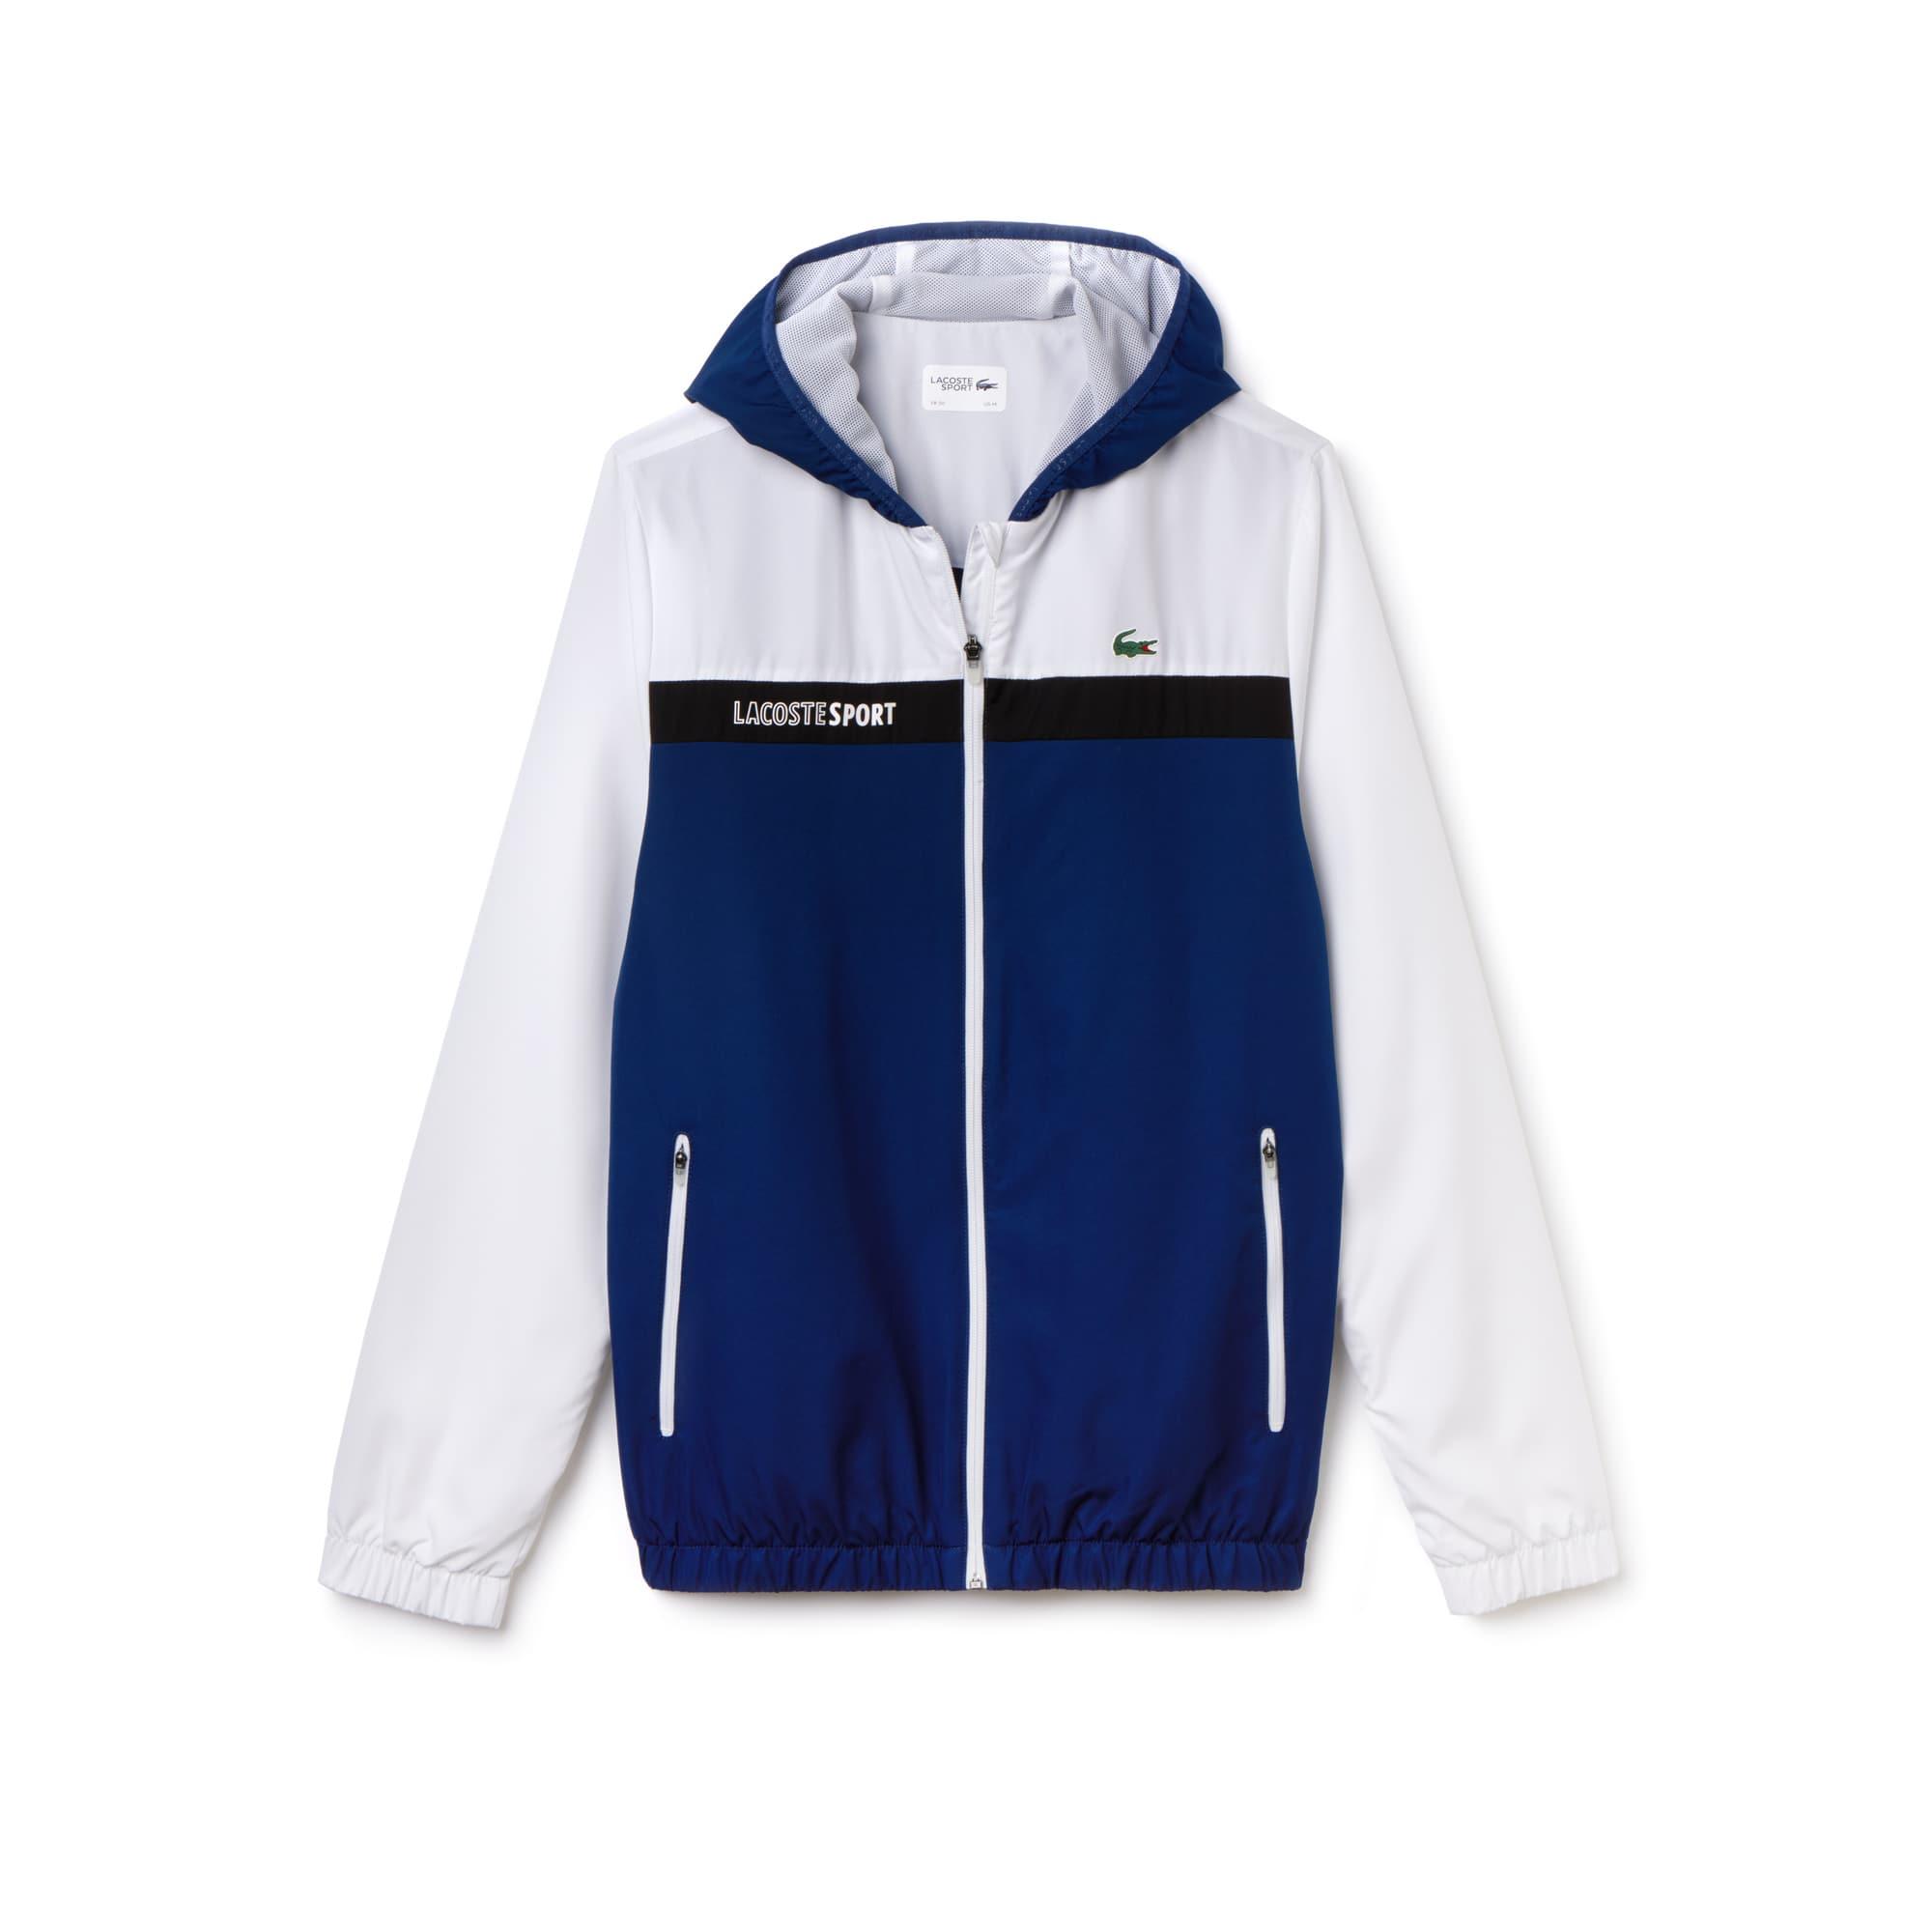 a7ba6a3c5af1d Men s SPORT Hooded Colorblock Taffeta Tennis Jacket Men s SPORT Hooded  Colorblock Taffeta Tennis Jacket